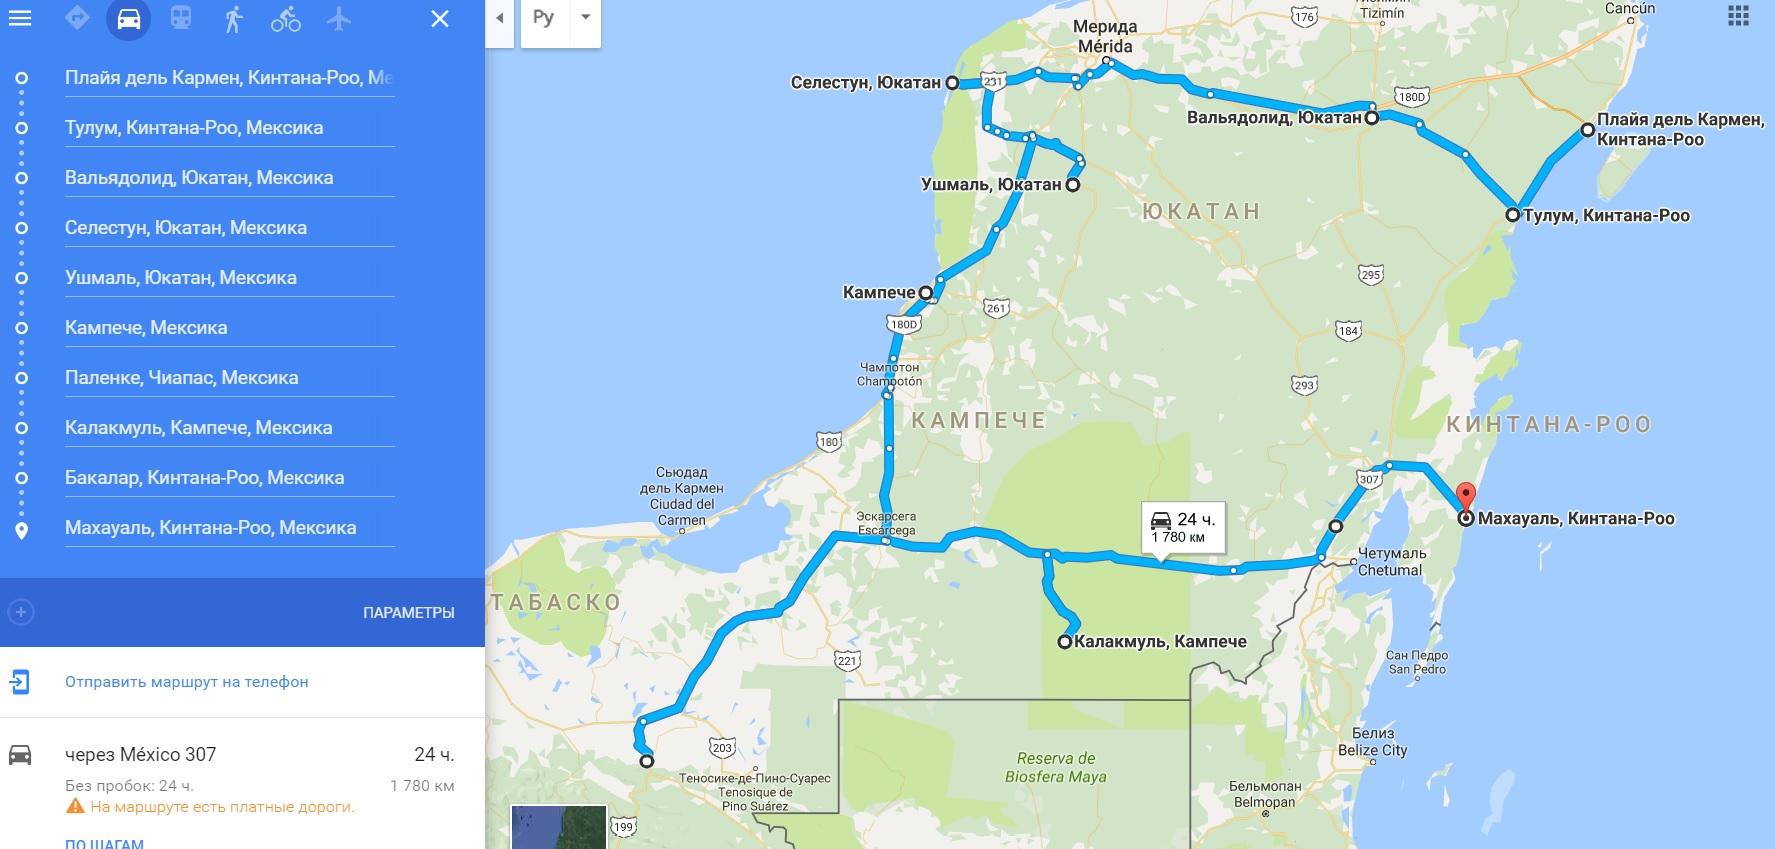 Мексика 2017 маршрут (1)